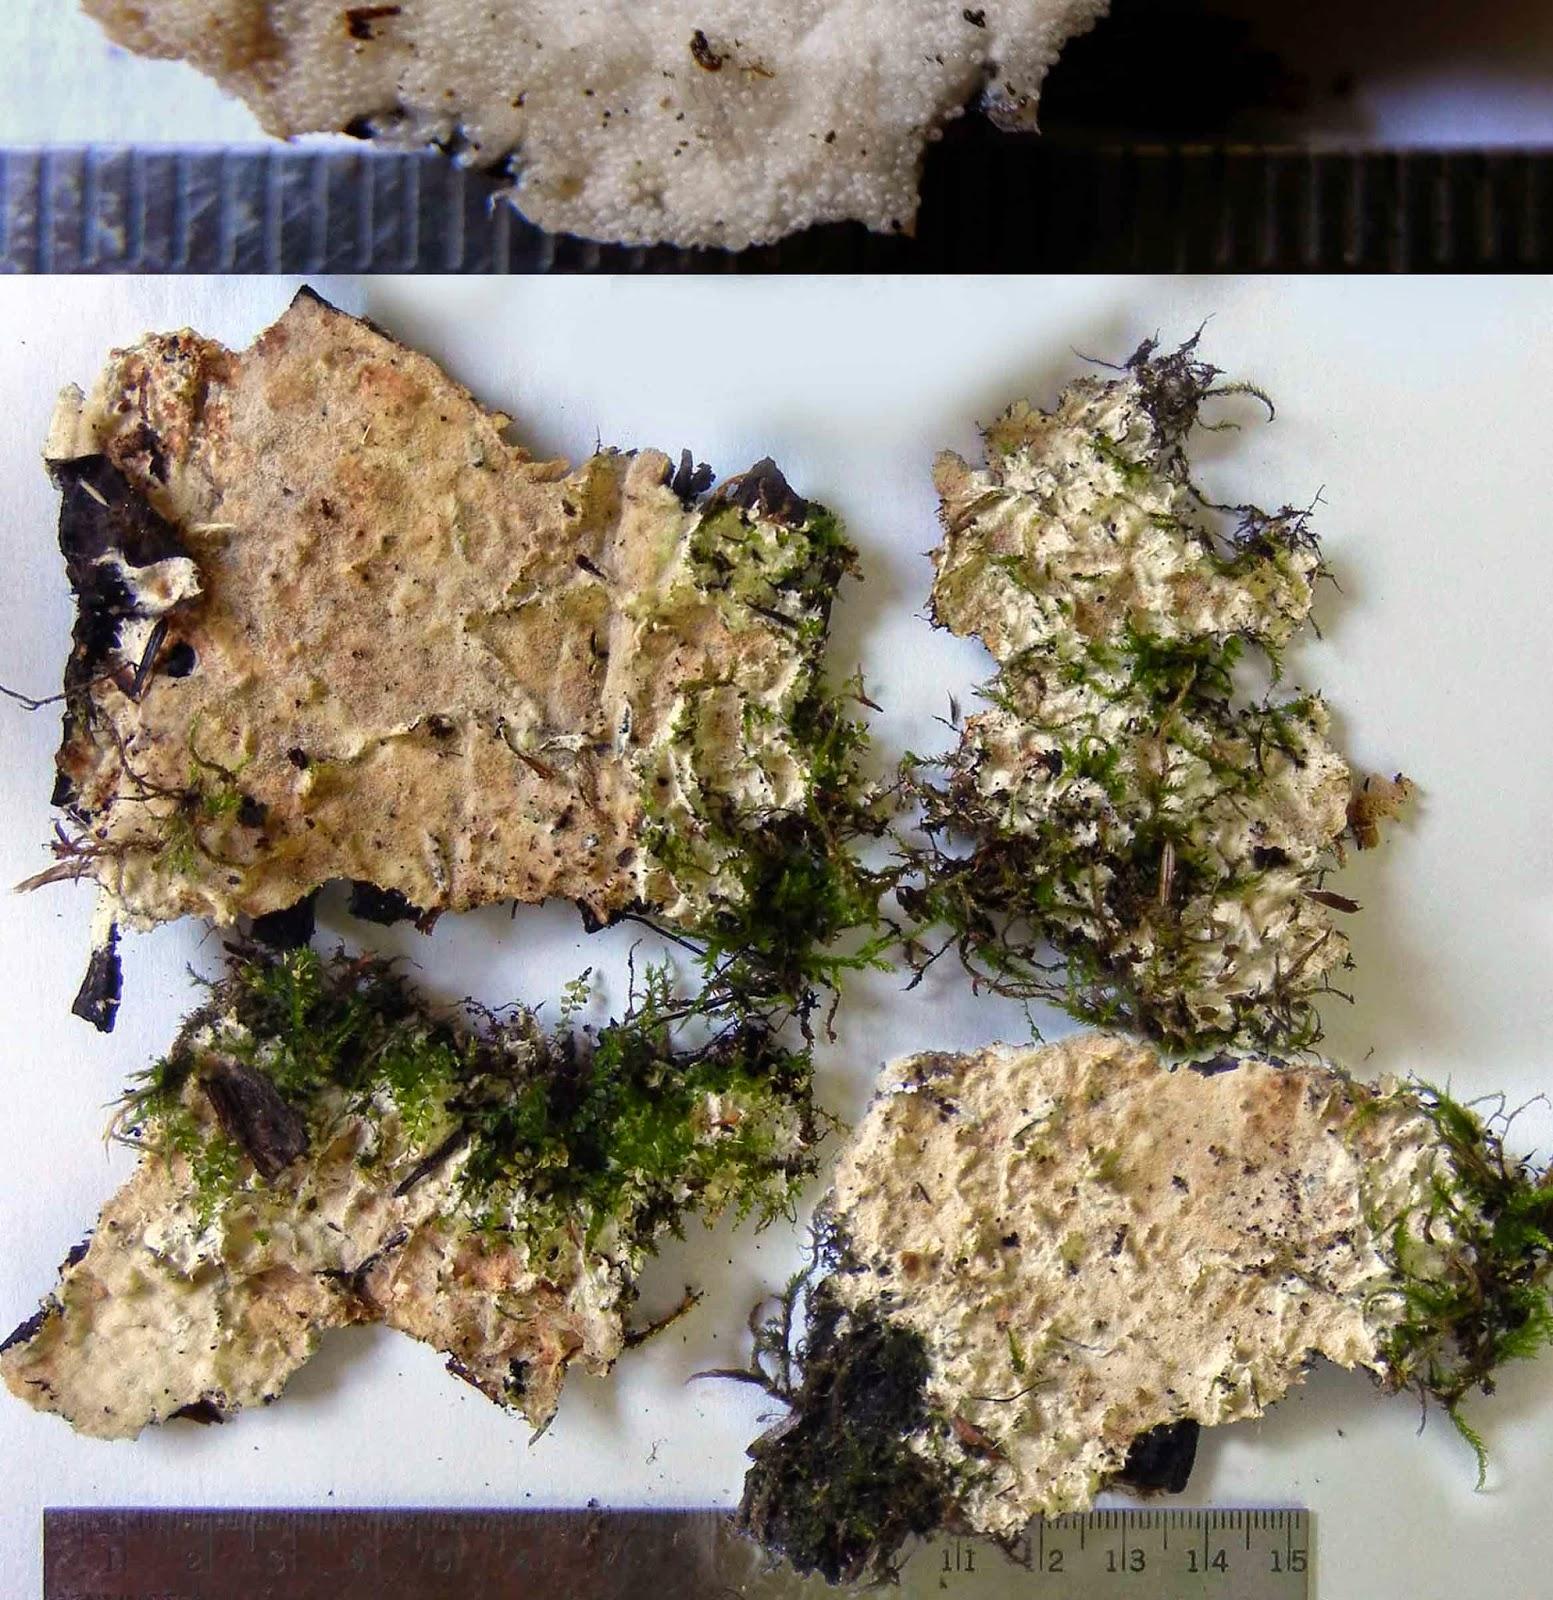 Tiny cups of Porotheleum fimbriatum can resemble pores